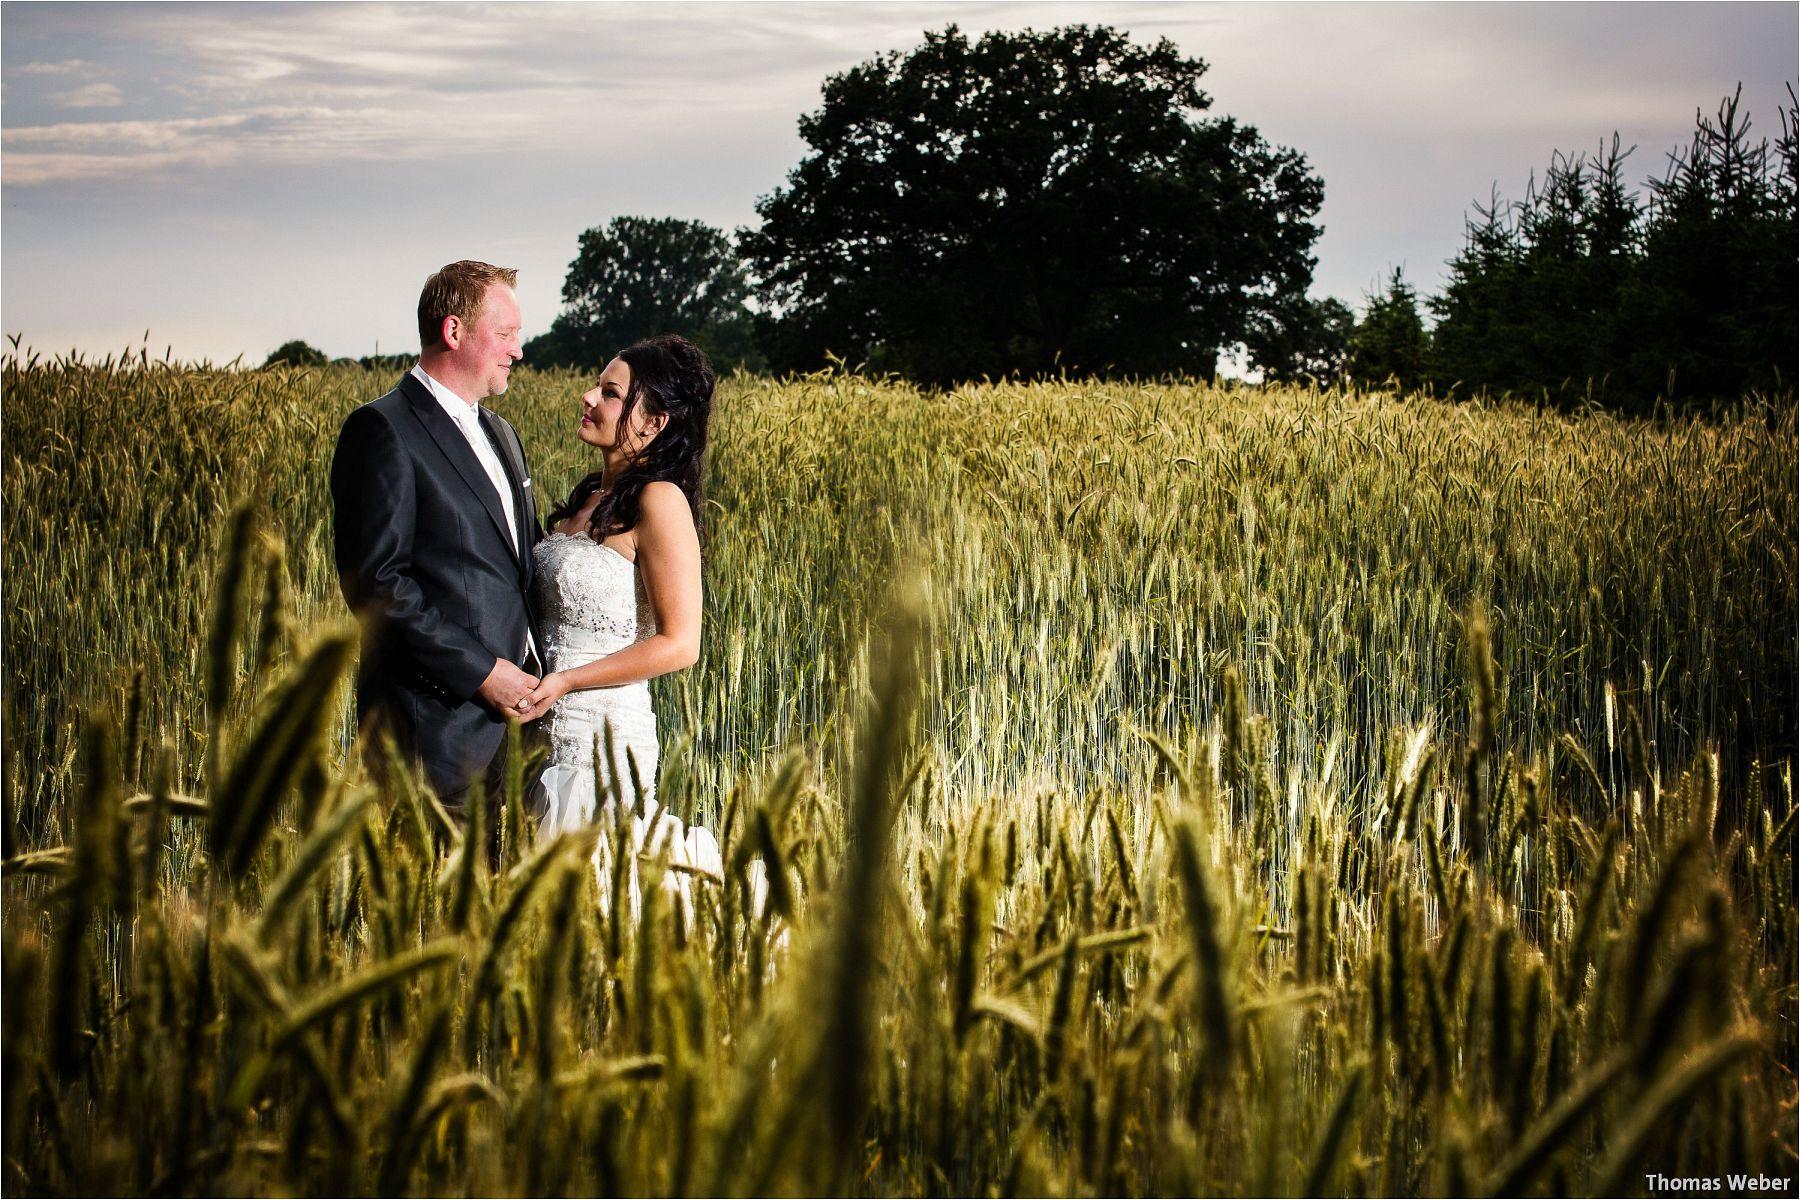 Hochzeitsfotograf Oldenburg: Hochzeitsportraits bei einem After Wedding Shooting am Nordsee-Strand von Dangast/Varel bei Sonnenuntergang (1)